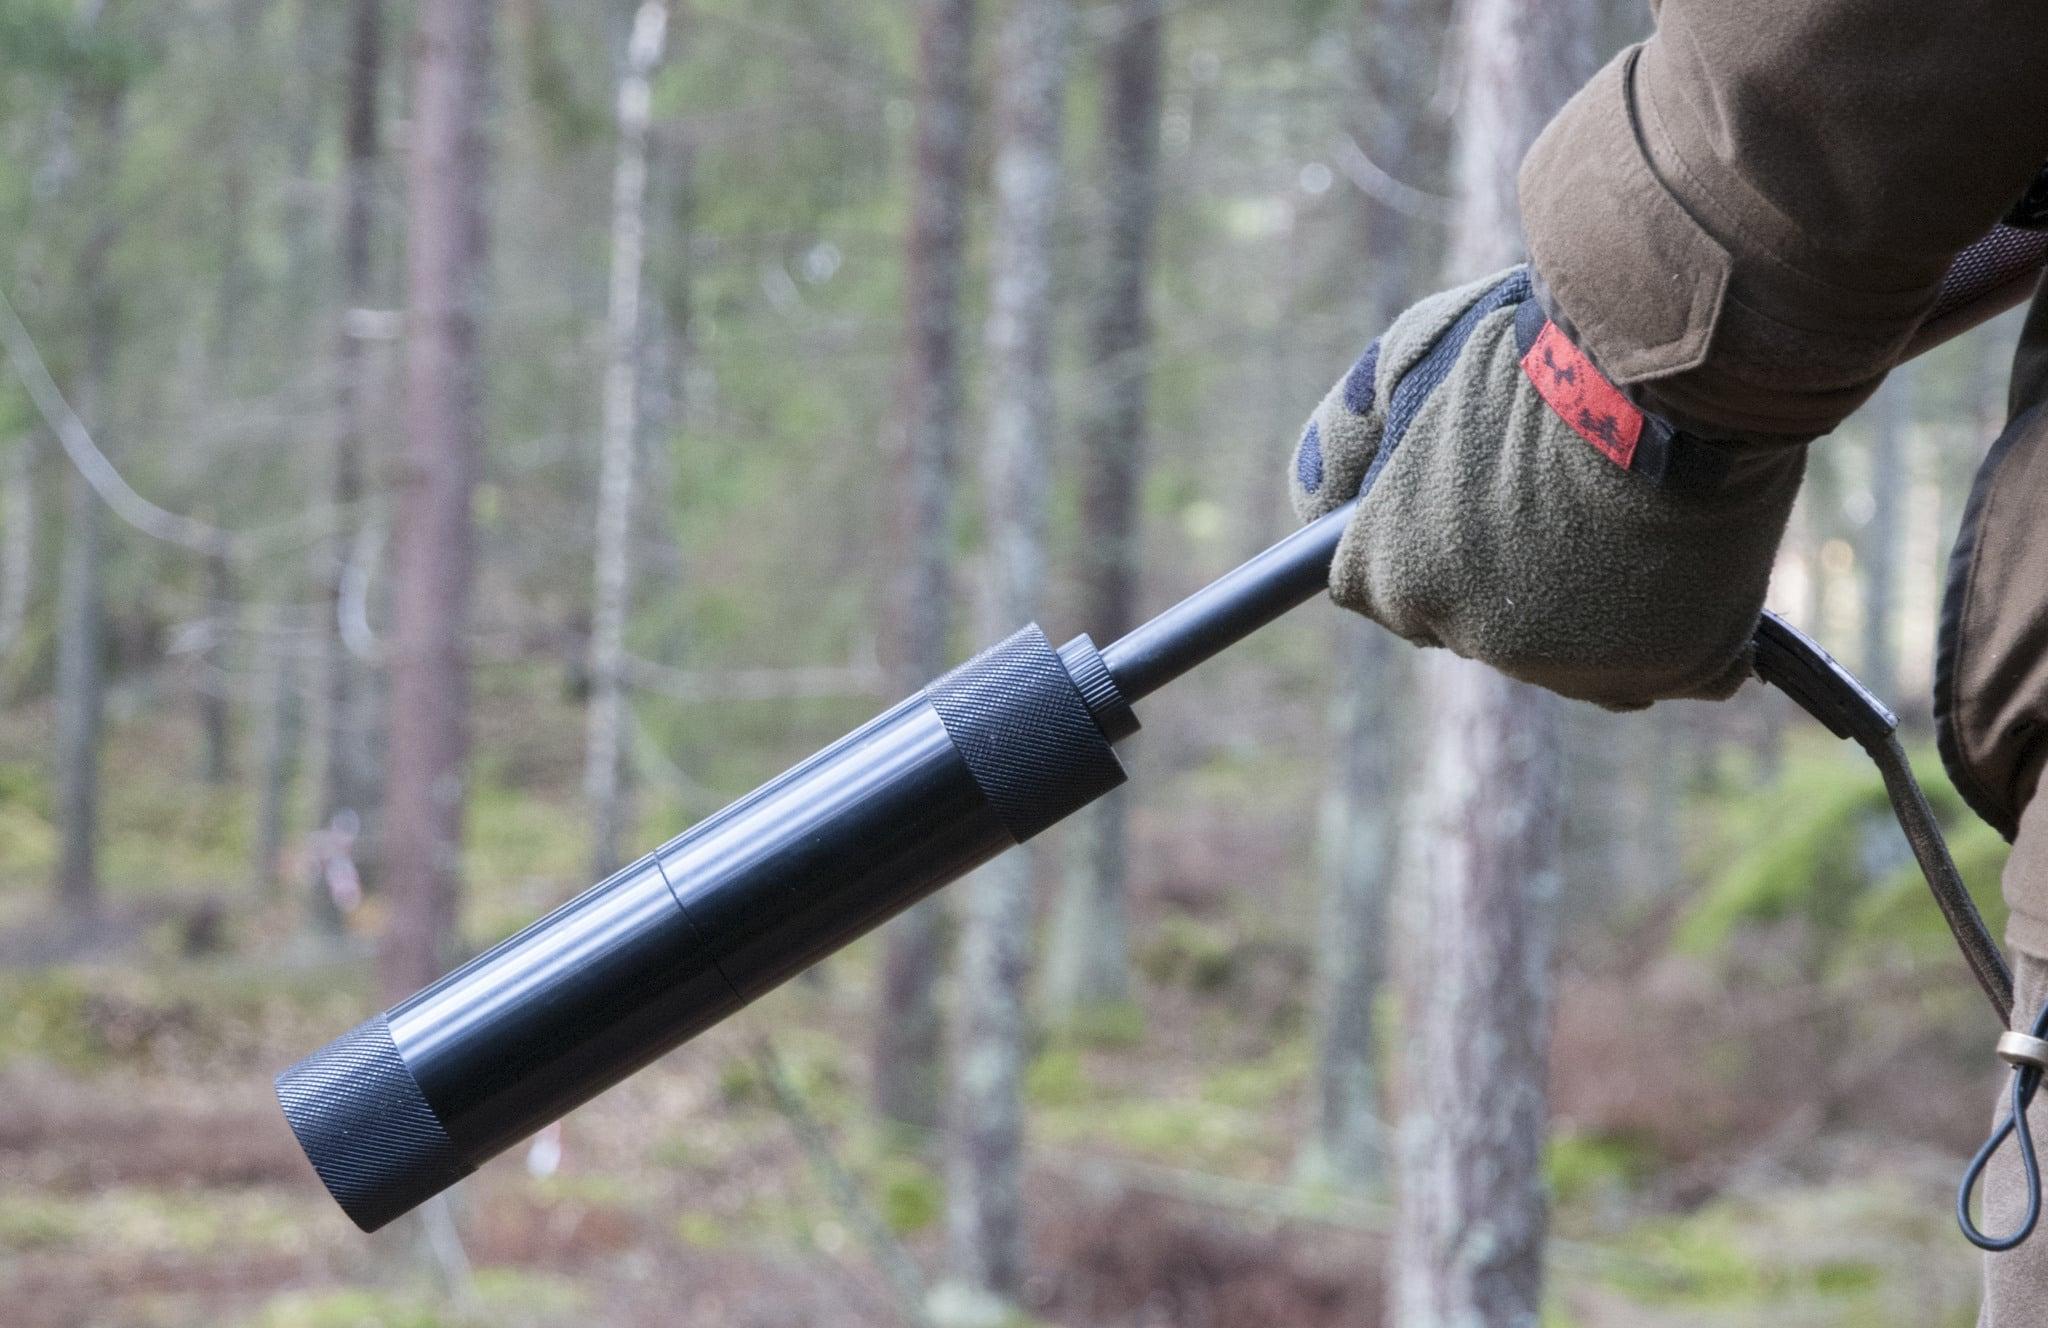 Se till att ljuddämpare är helt oreglerade, uppmanar Jägareförbundet regeringen i sitt remissvar på vapenutredningen.